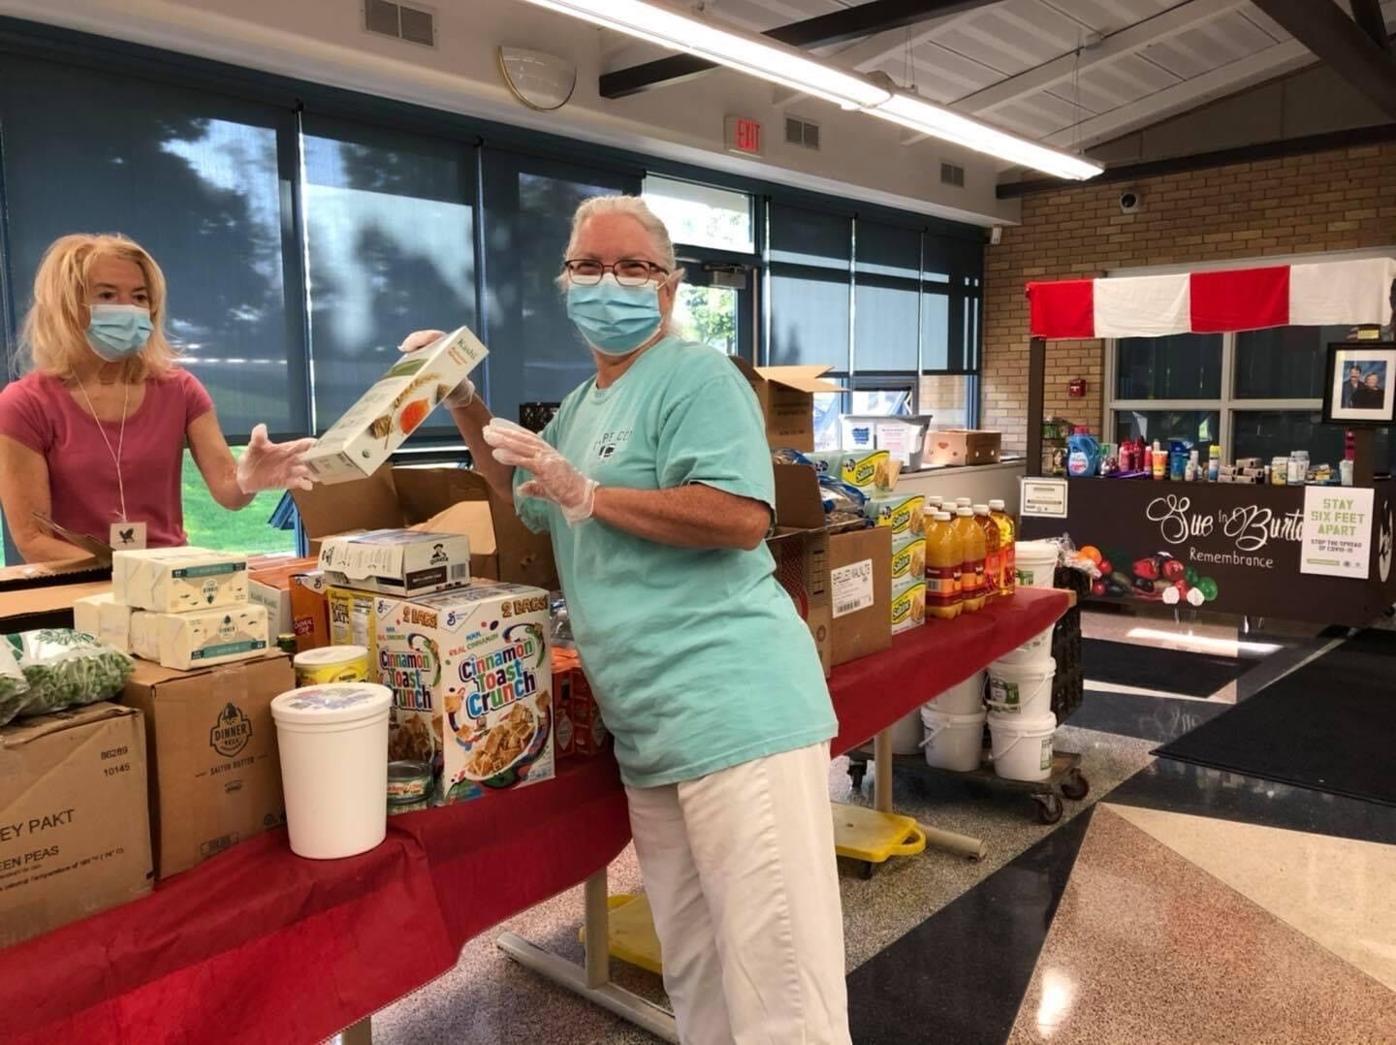 Sent by Ravens volunteers set up food pantry tables!